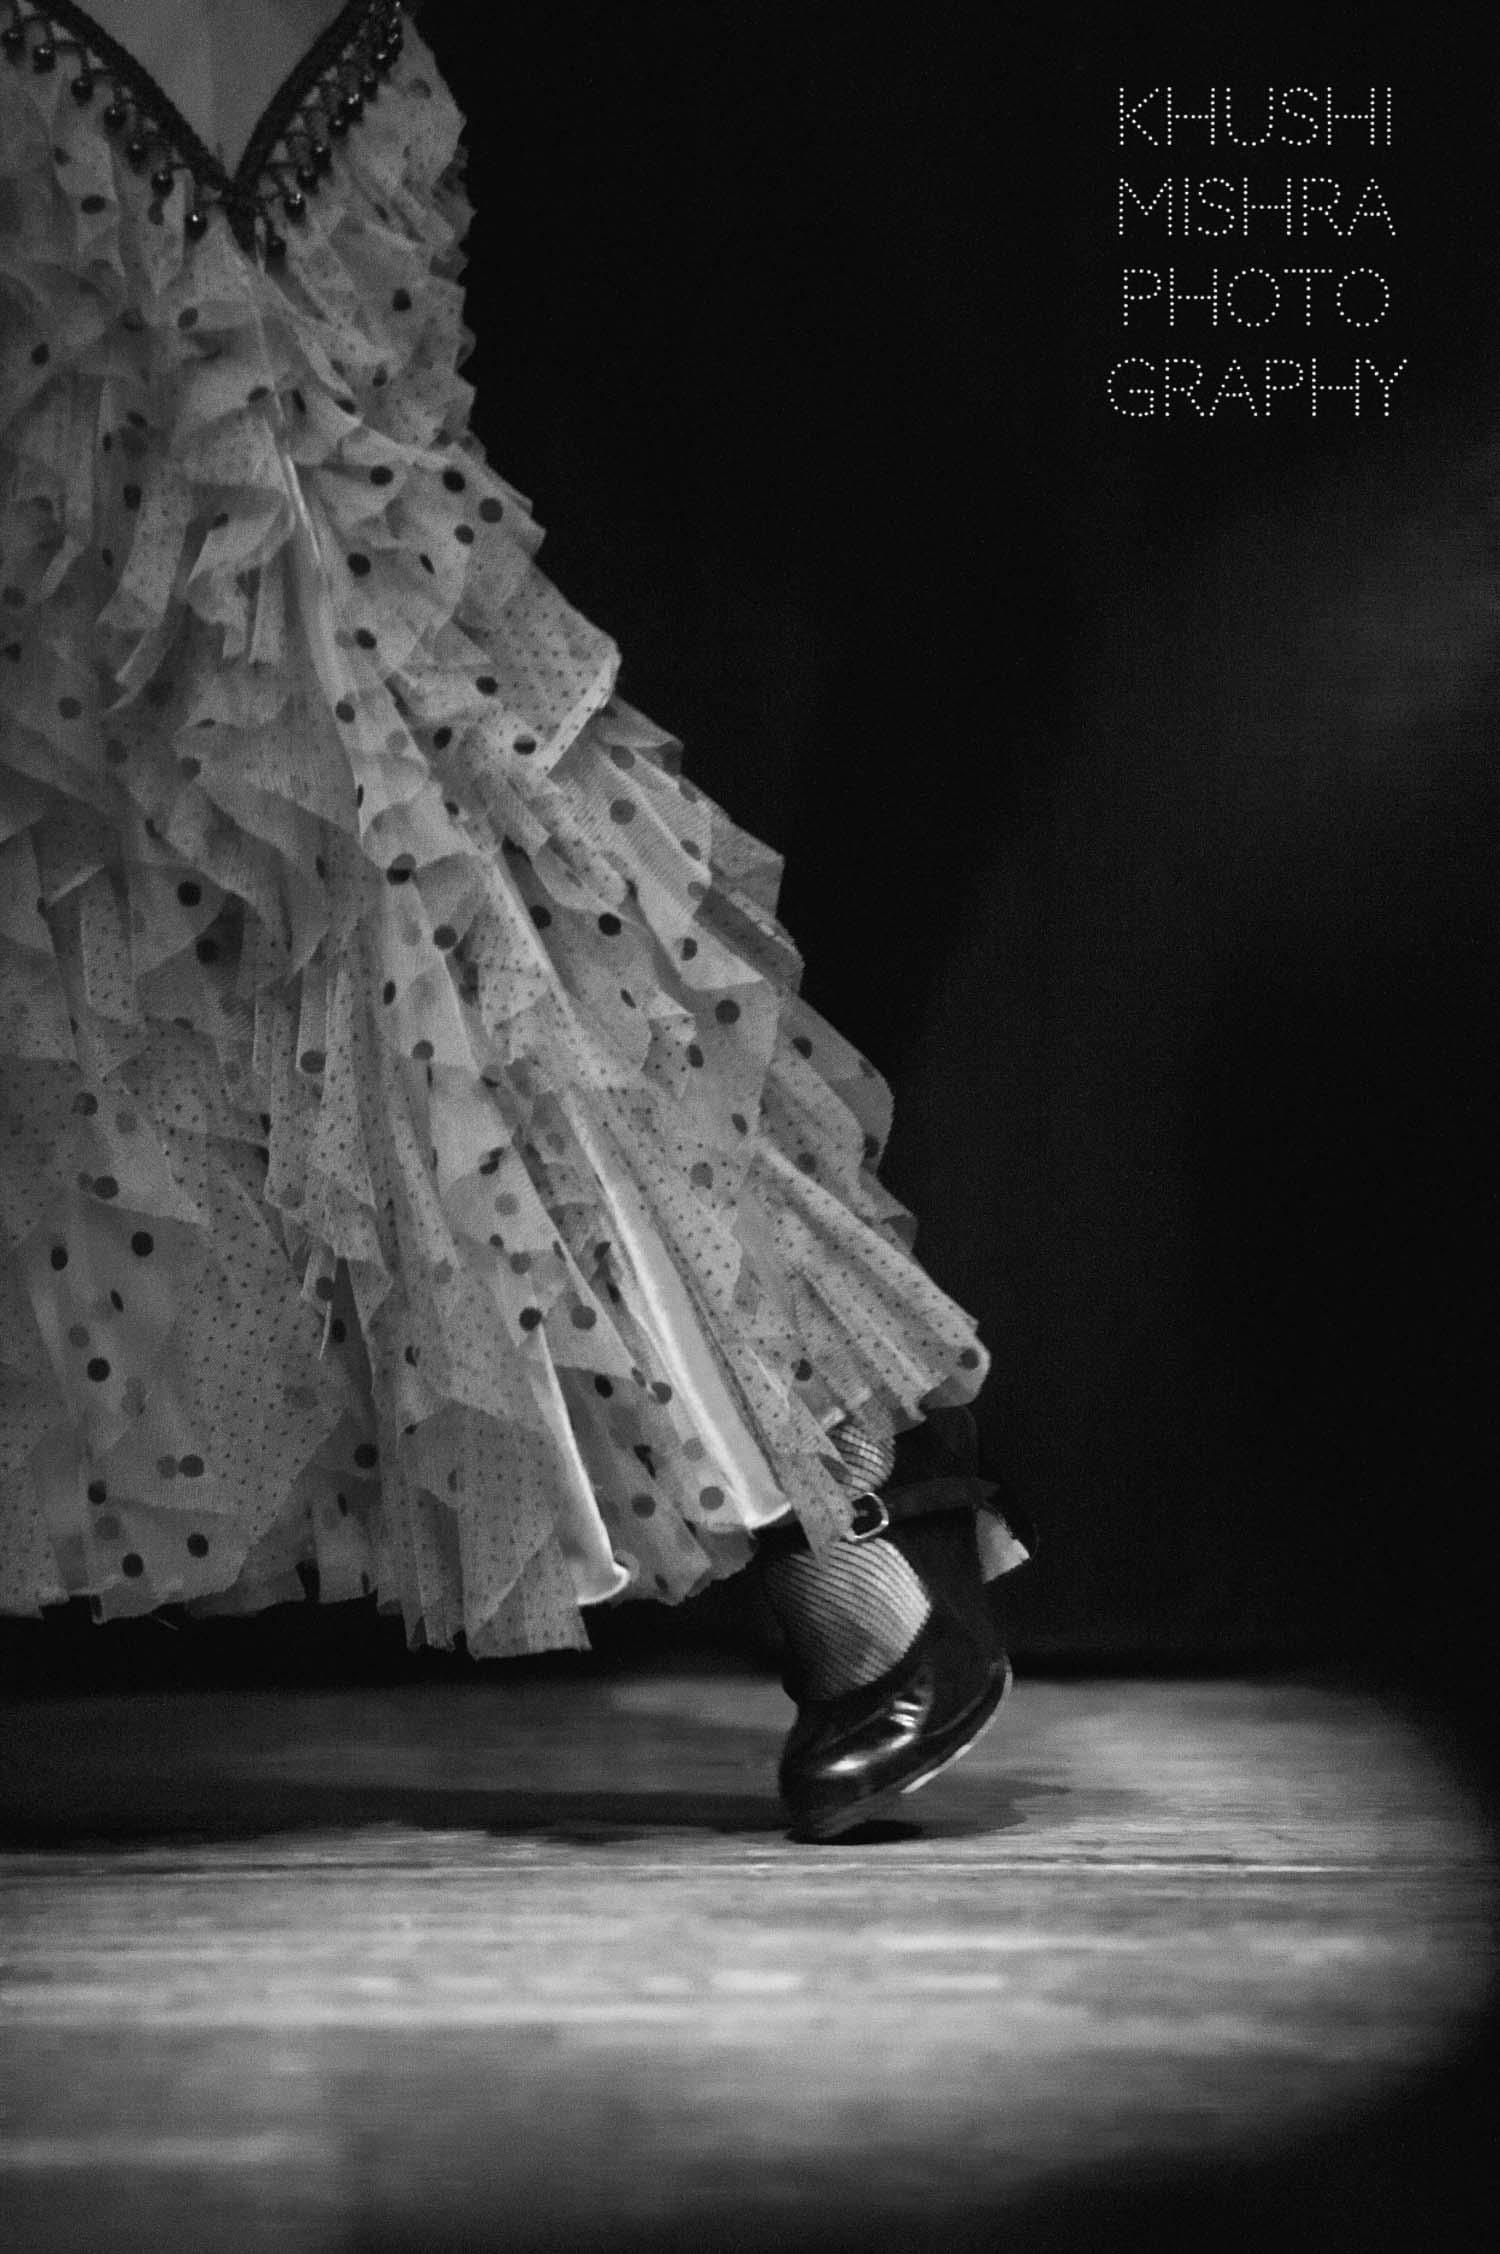 Flamenco_dsc_7926 copy.jpg